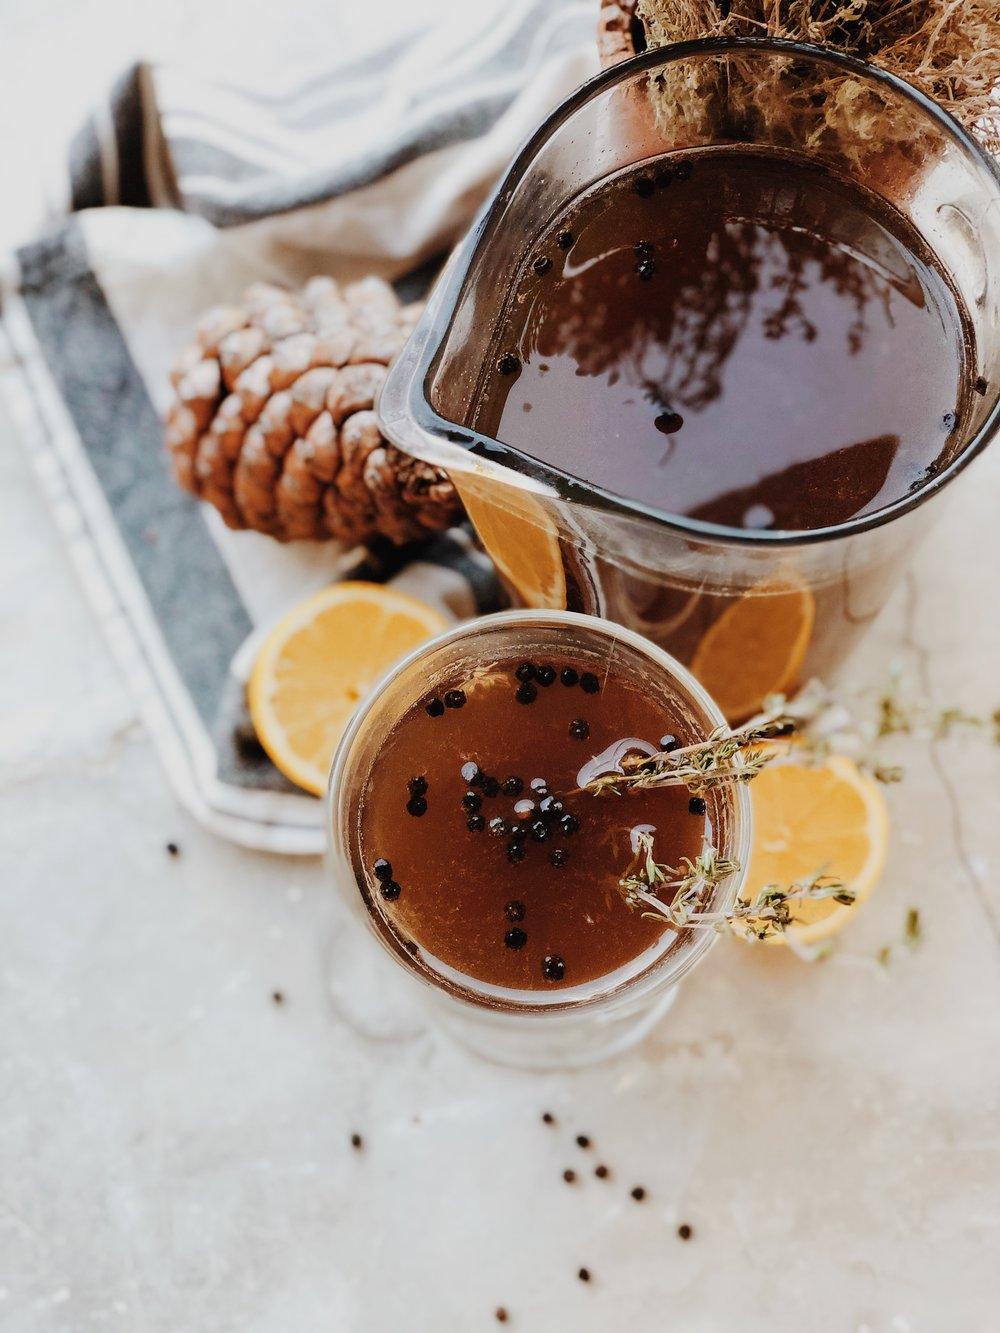 - Spiced earl grey tea